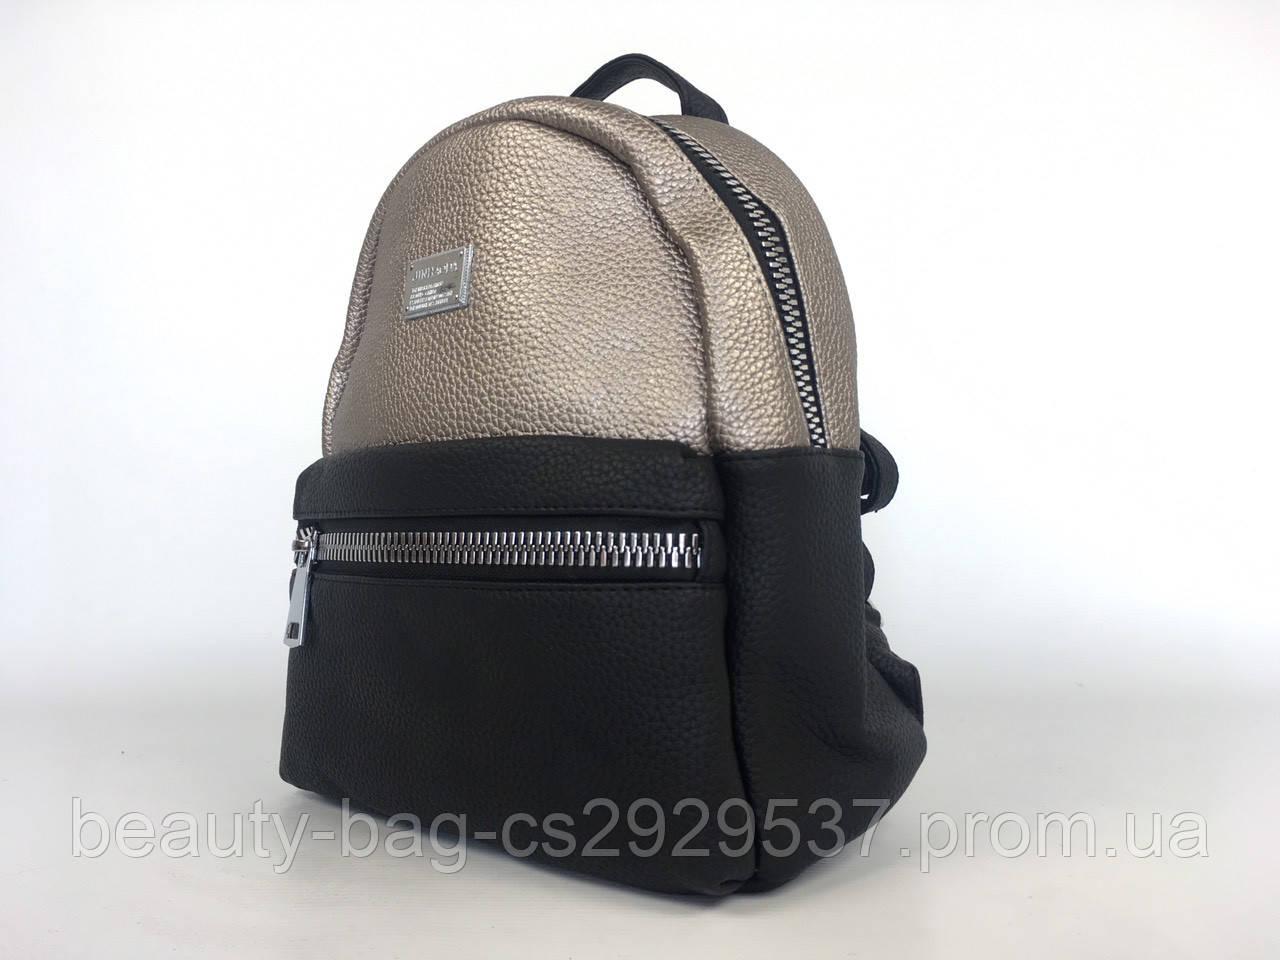 Рюкзак молодежный черно-золотой